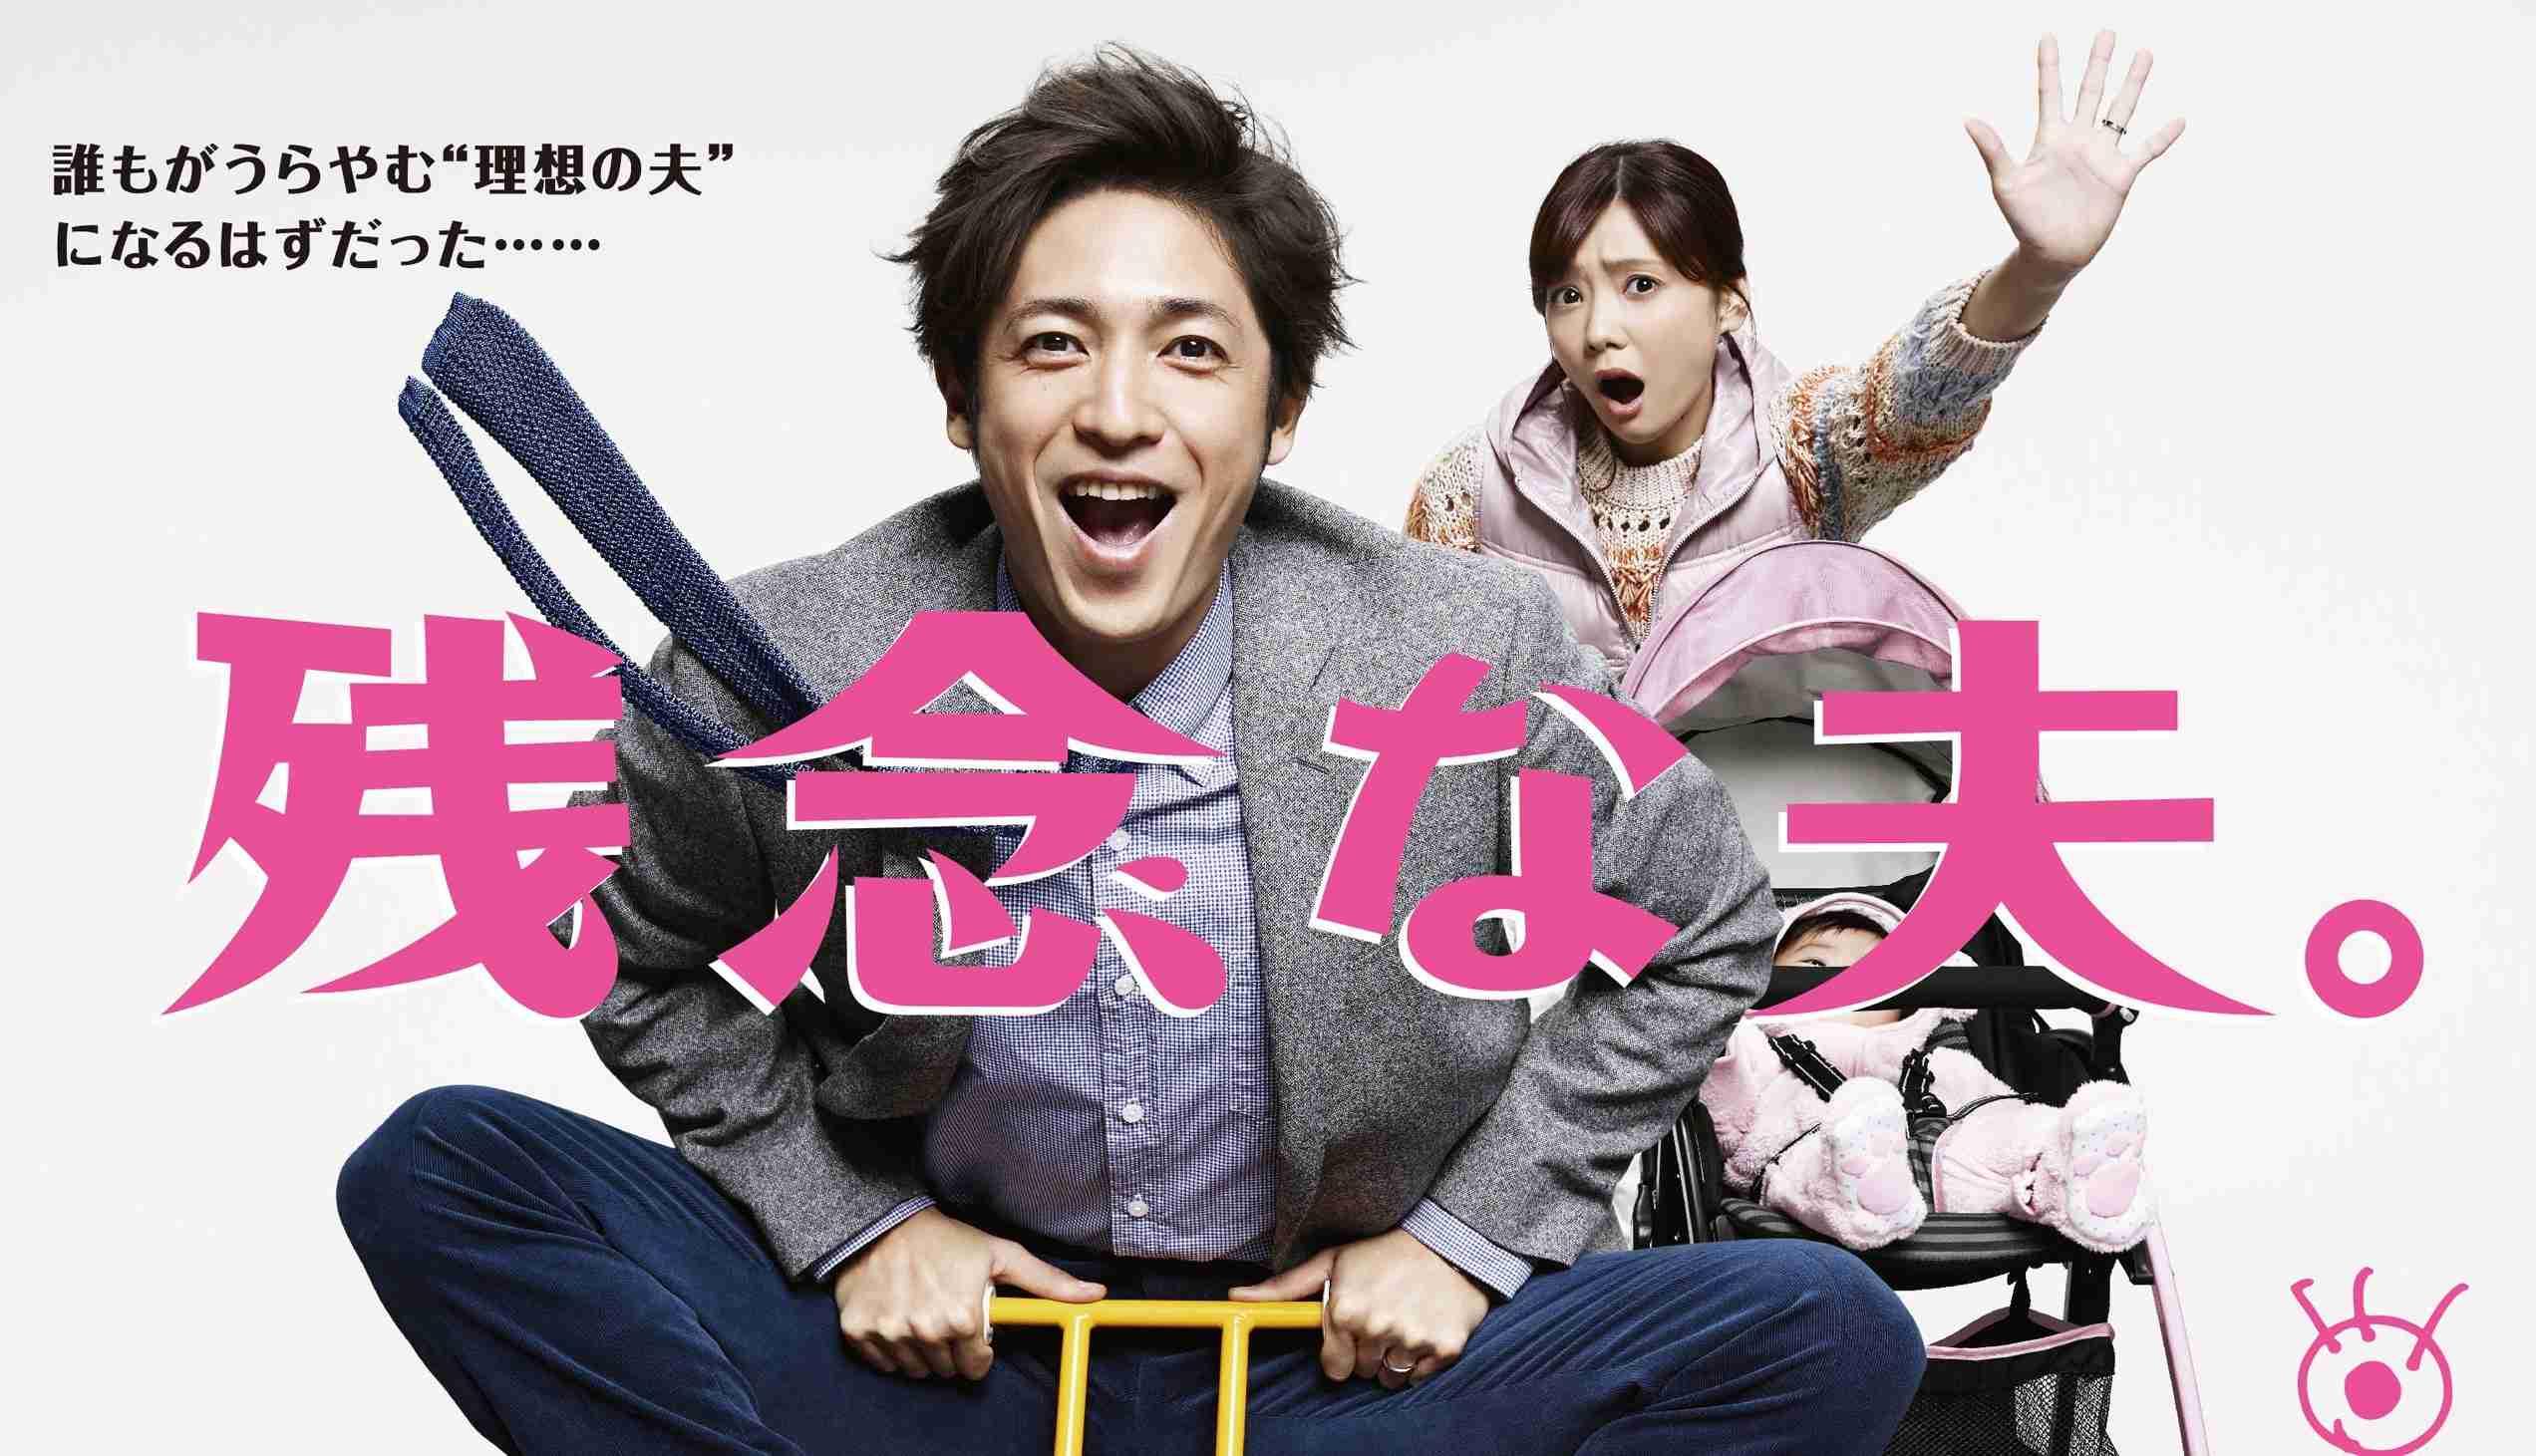 なぜ日本では「産後離婚」が多いのか? | オリジナル | 東洋経済オンライン | 新世代リーダーのためのビジネスサイト